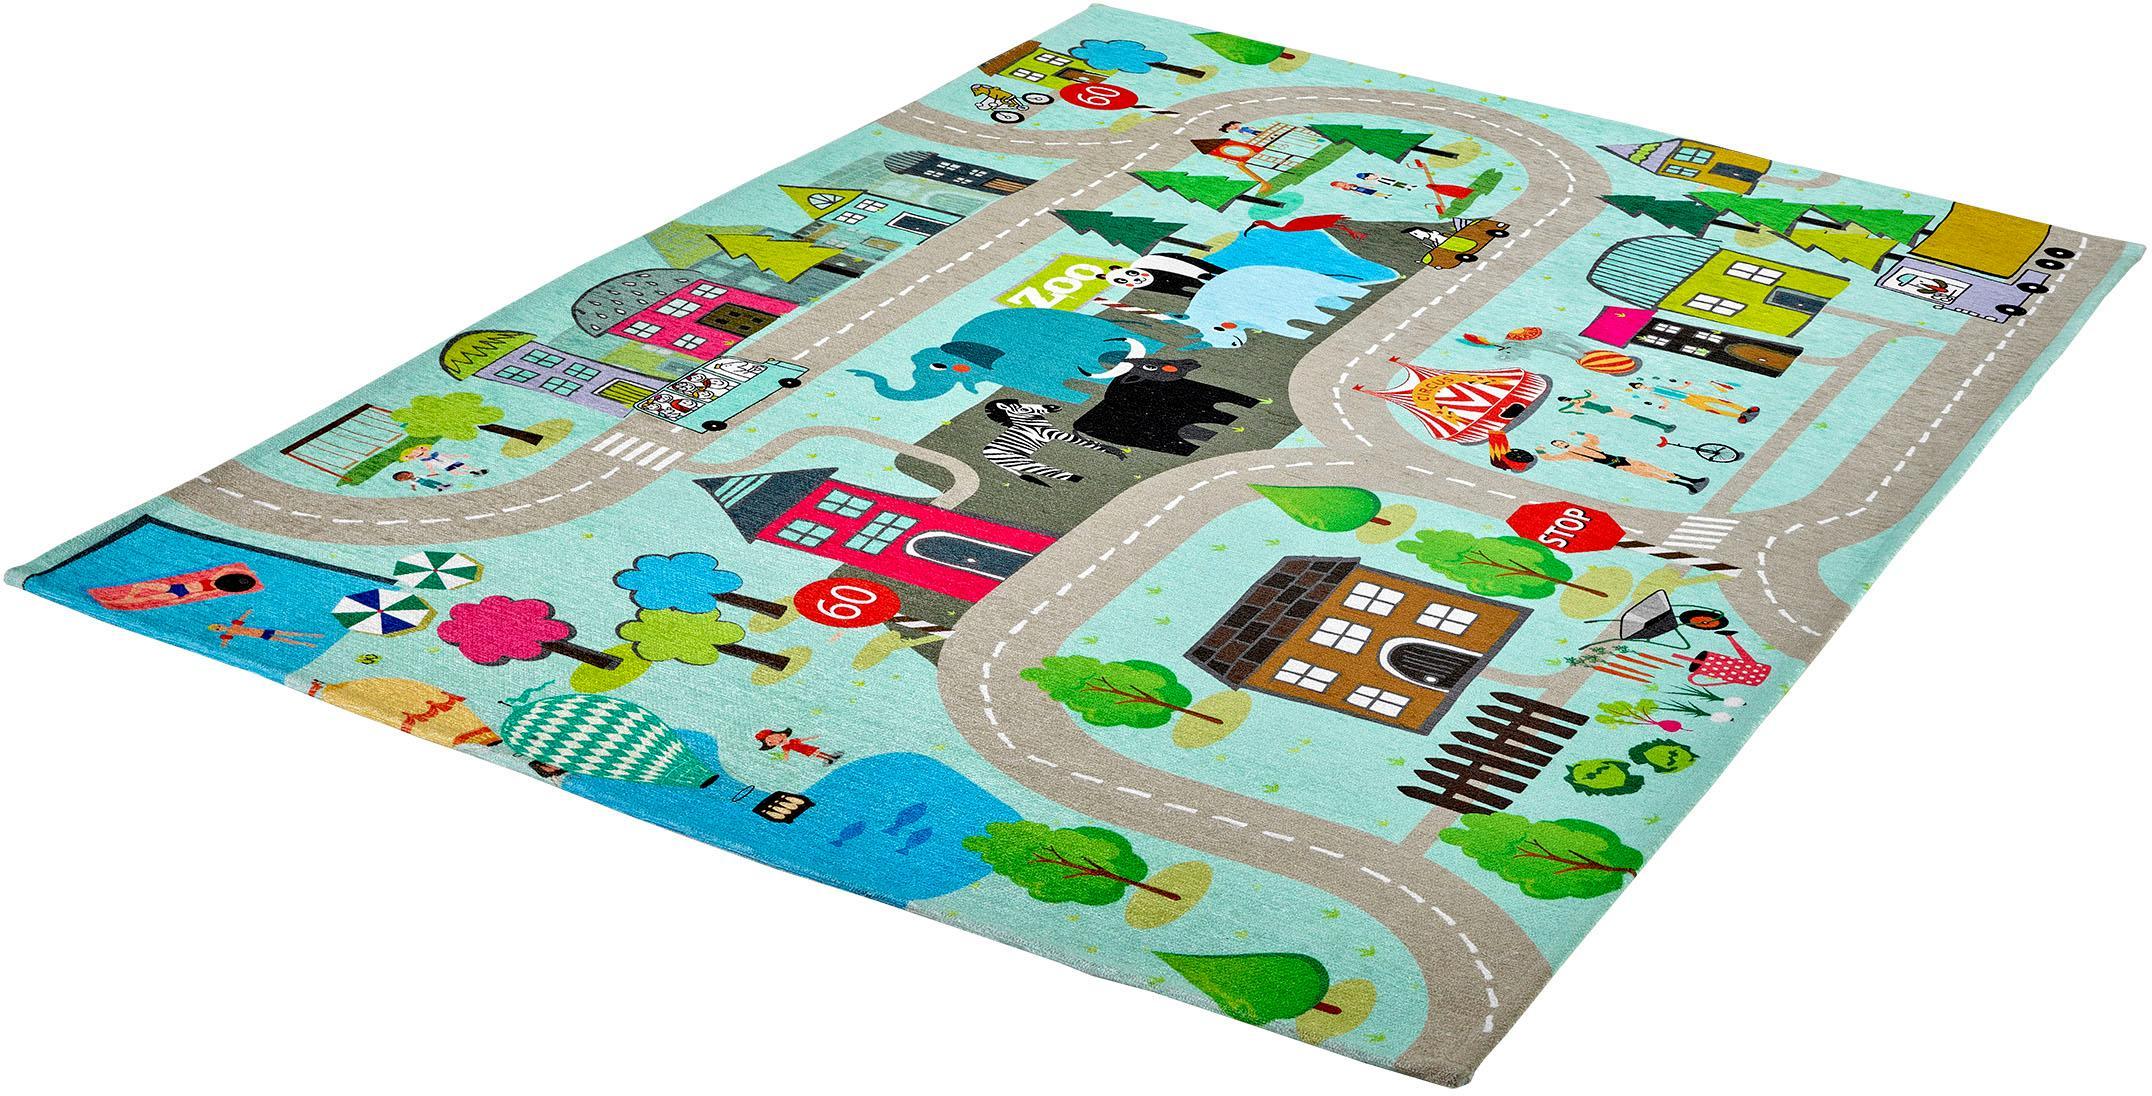 Teppich My Torino Kids 231 Obsession rechteckig Höhe 10 mm maschinell gewebt